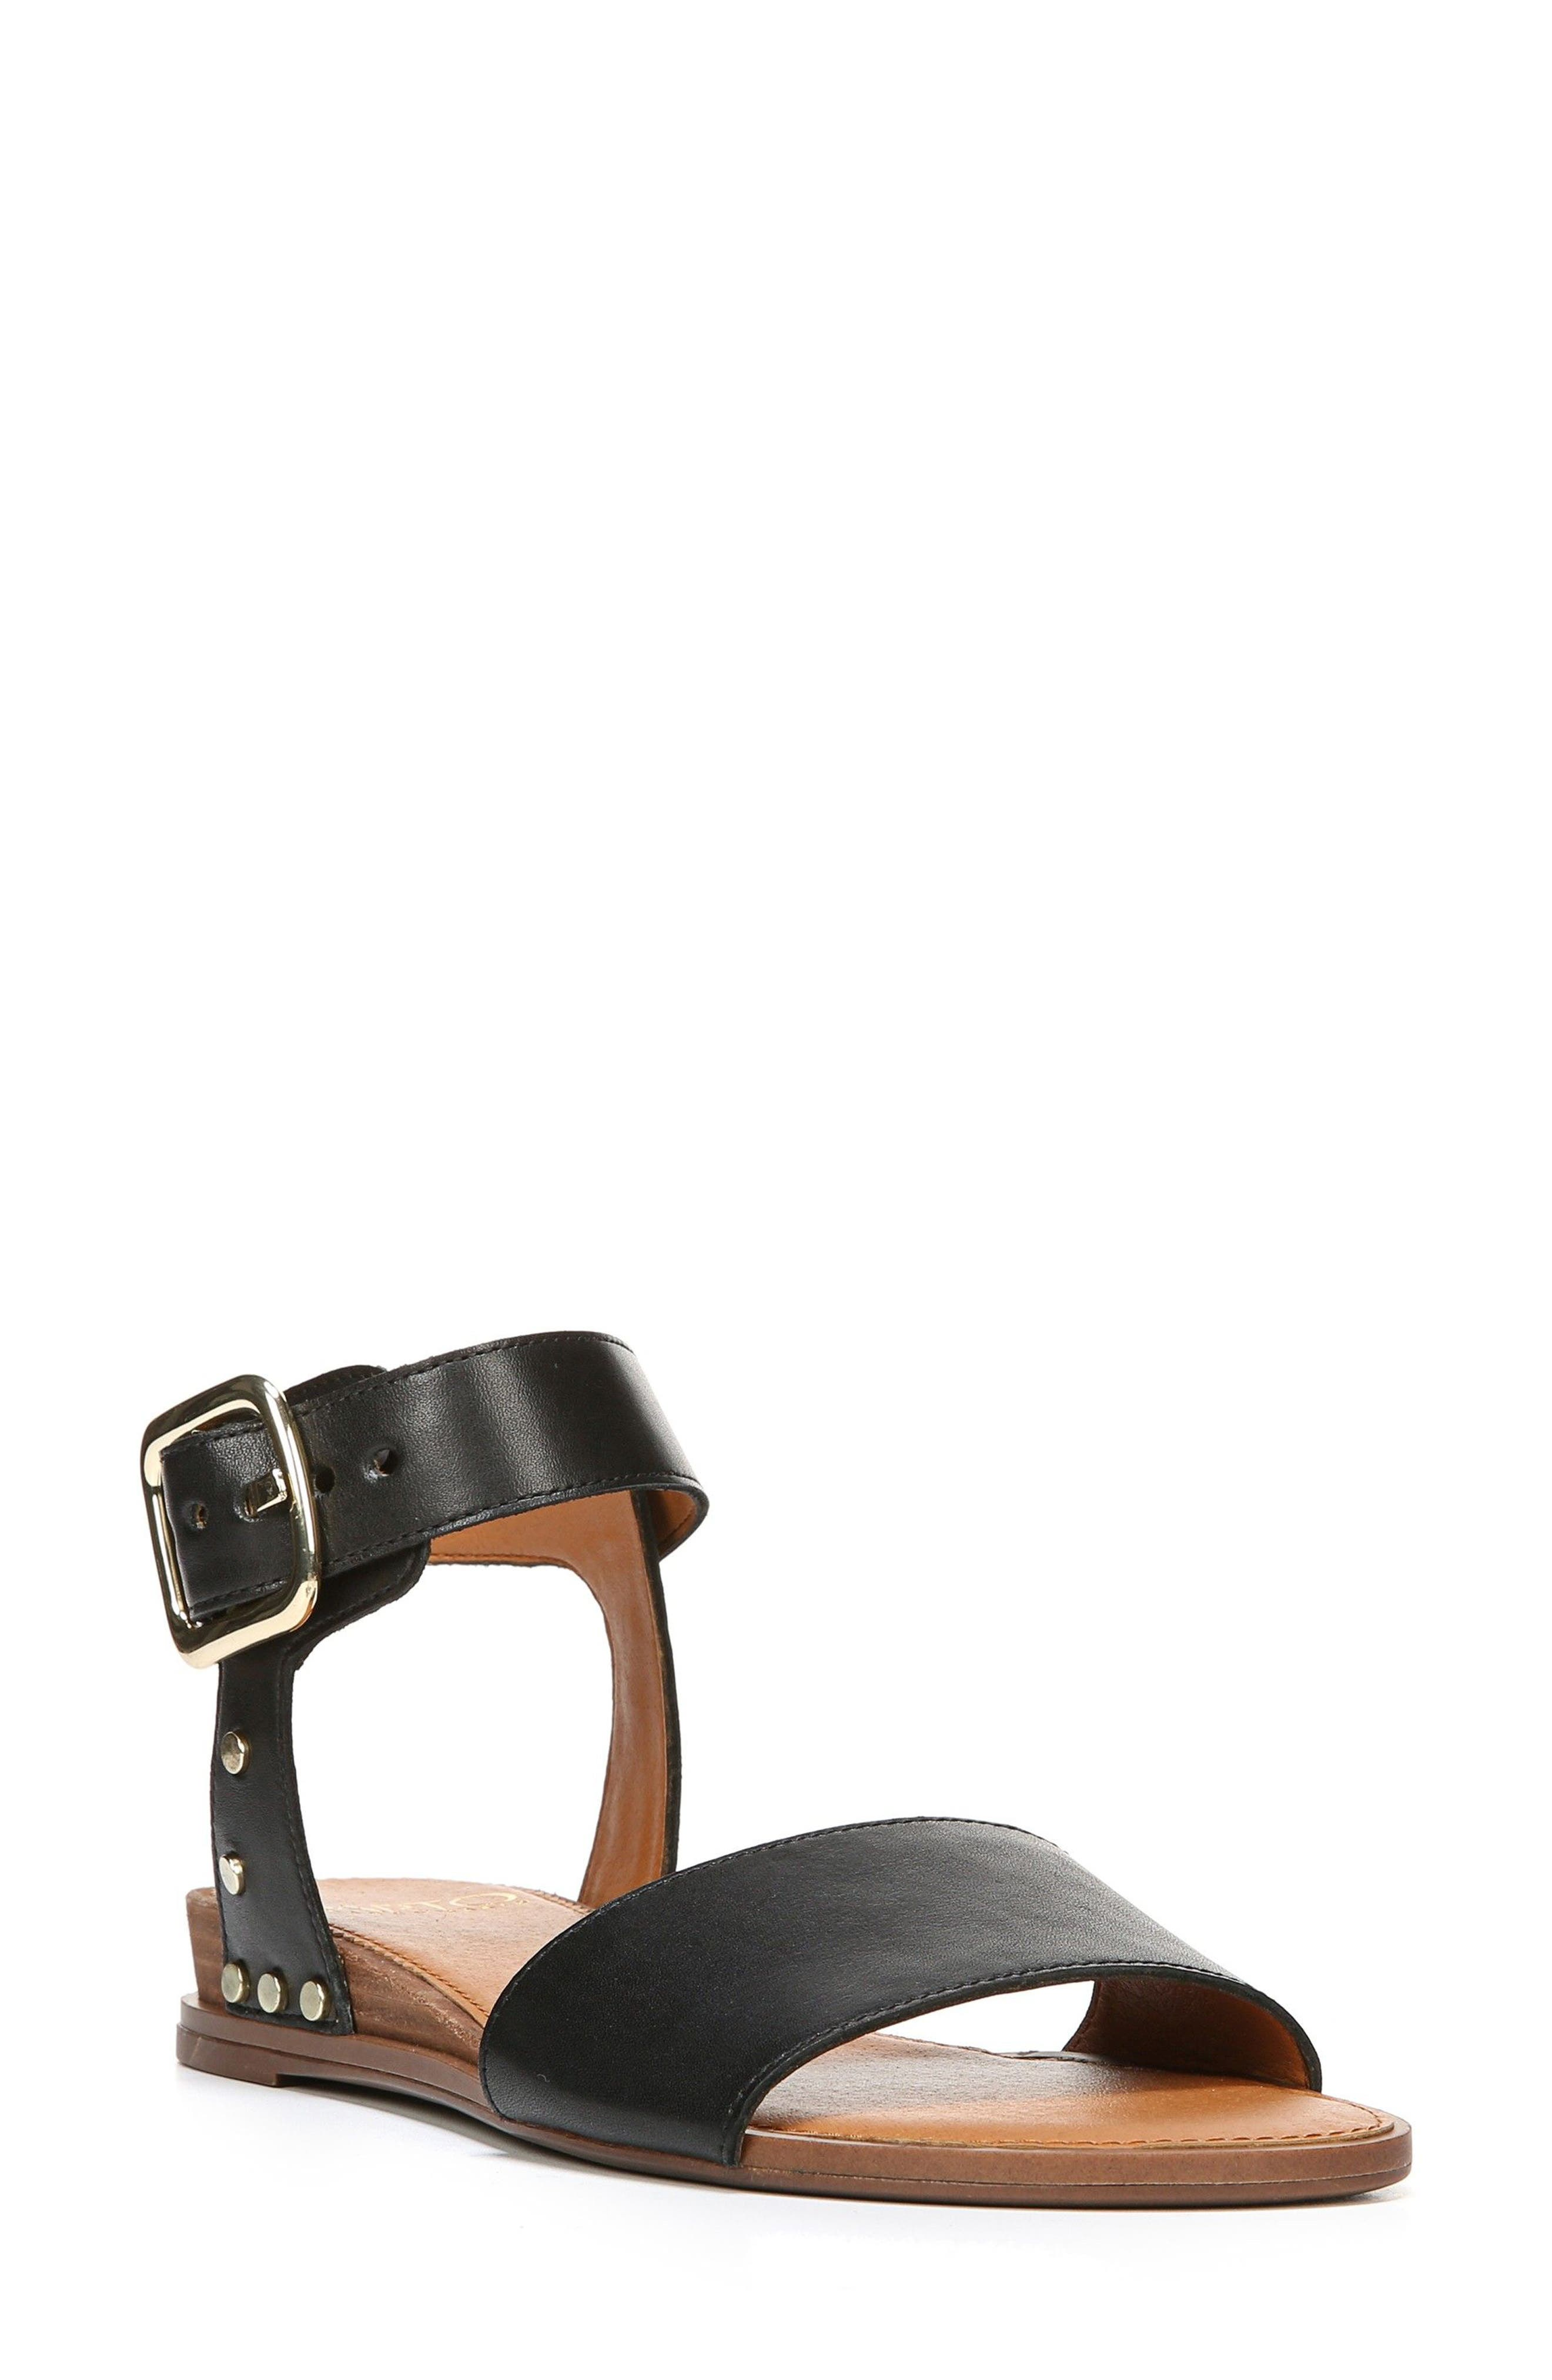 SARTO BY FRANCO SARTO Park Ankle Strap Sandal